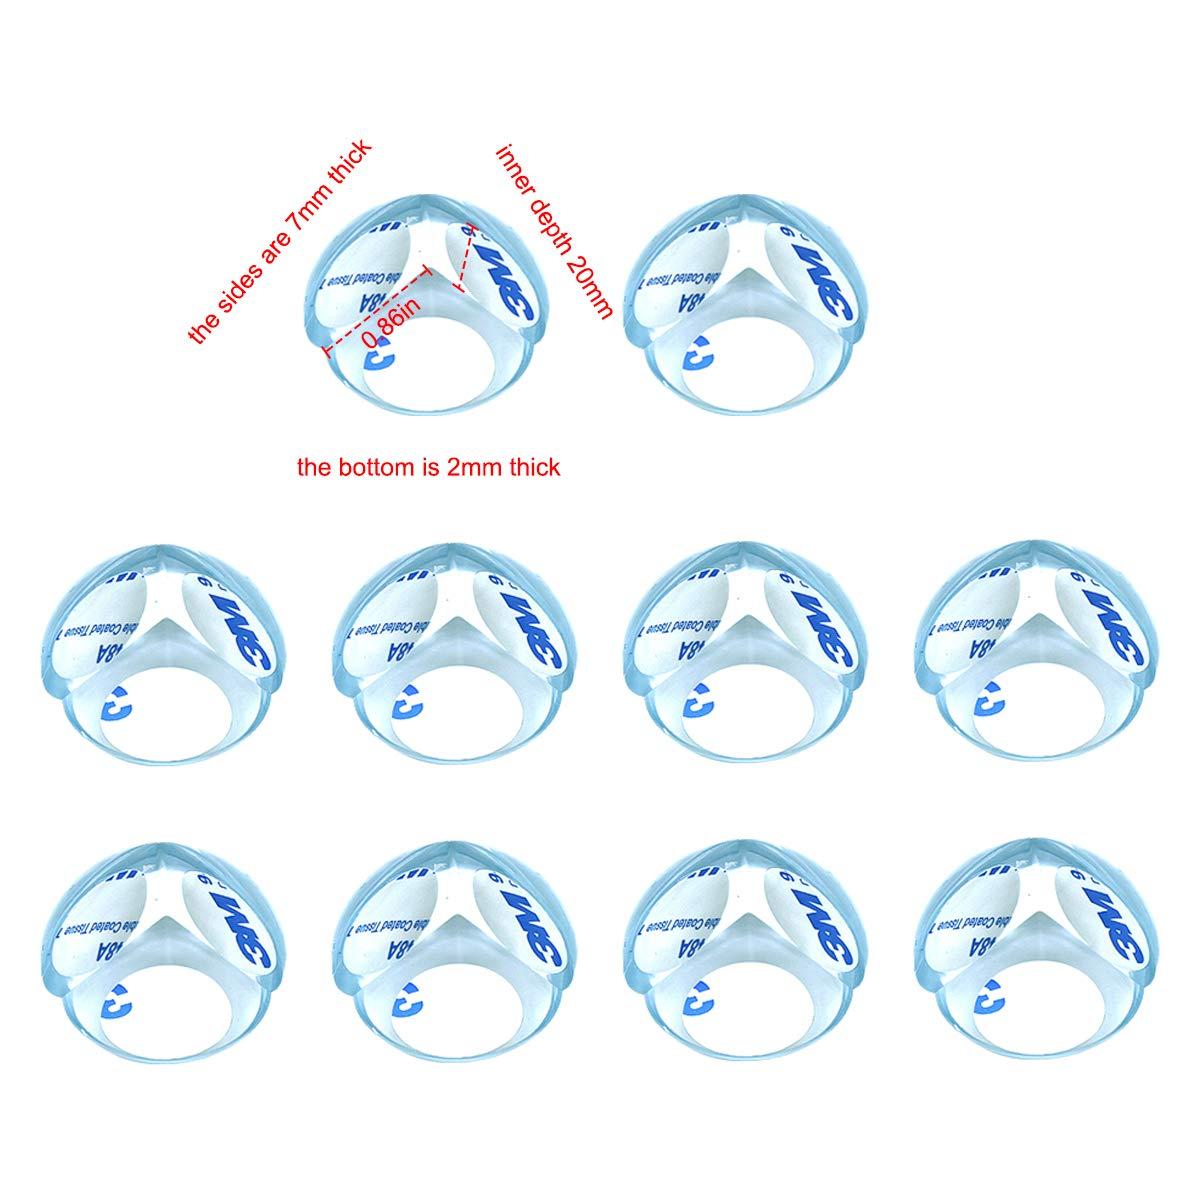 Tisch M/öbel Ecke Schutz f/ür Baby und Kinder Transparent aus Kunststoff mit Starke Haftung 20 St/ück Eckenschutz und Kantenschutz f/ür Kindersicherung L Form